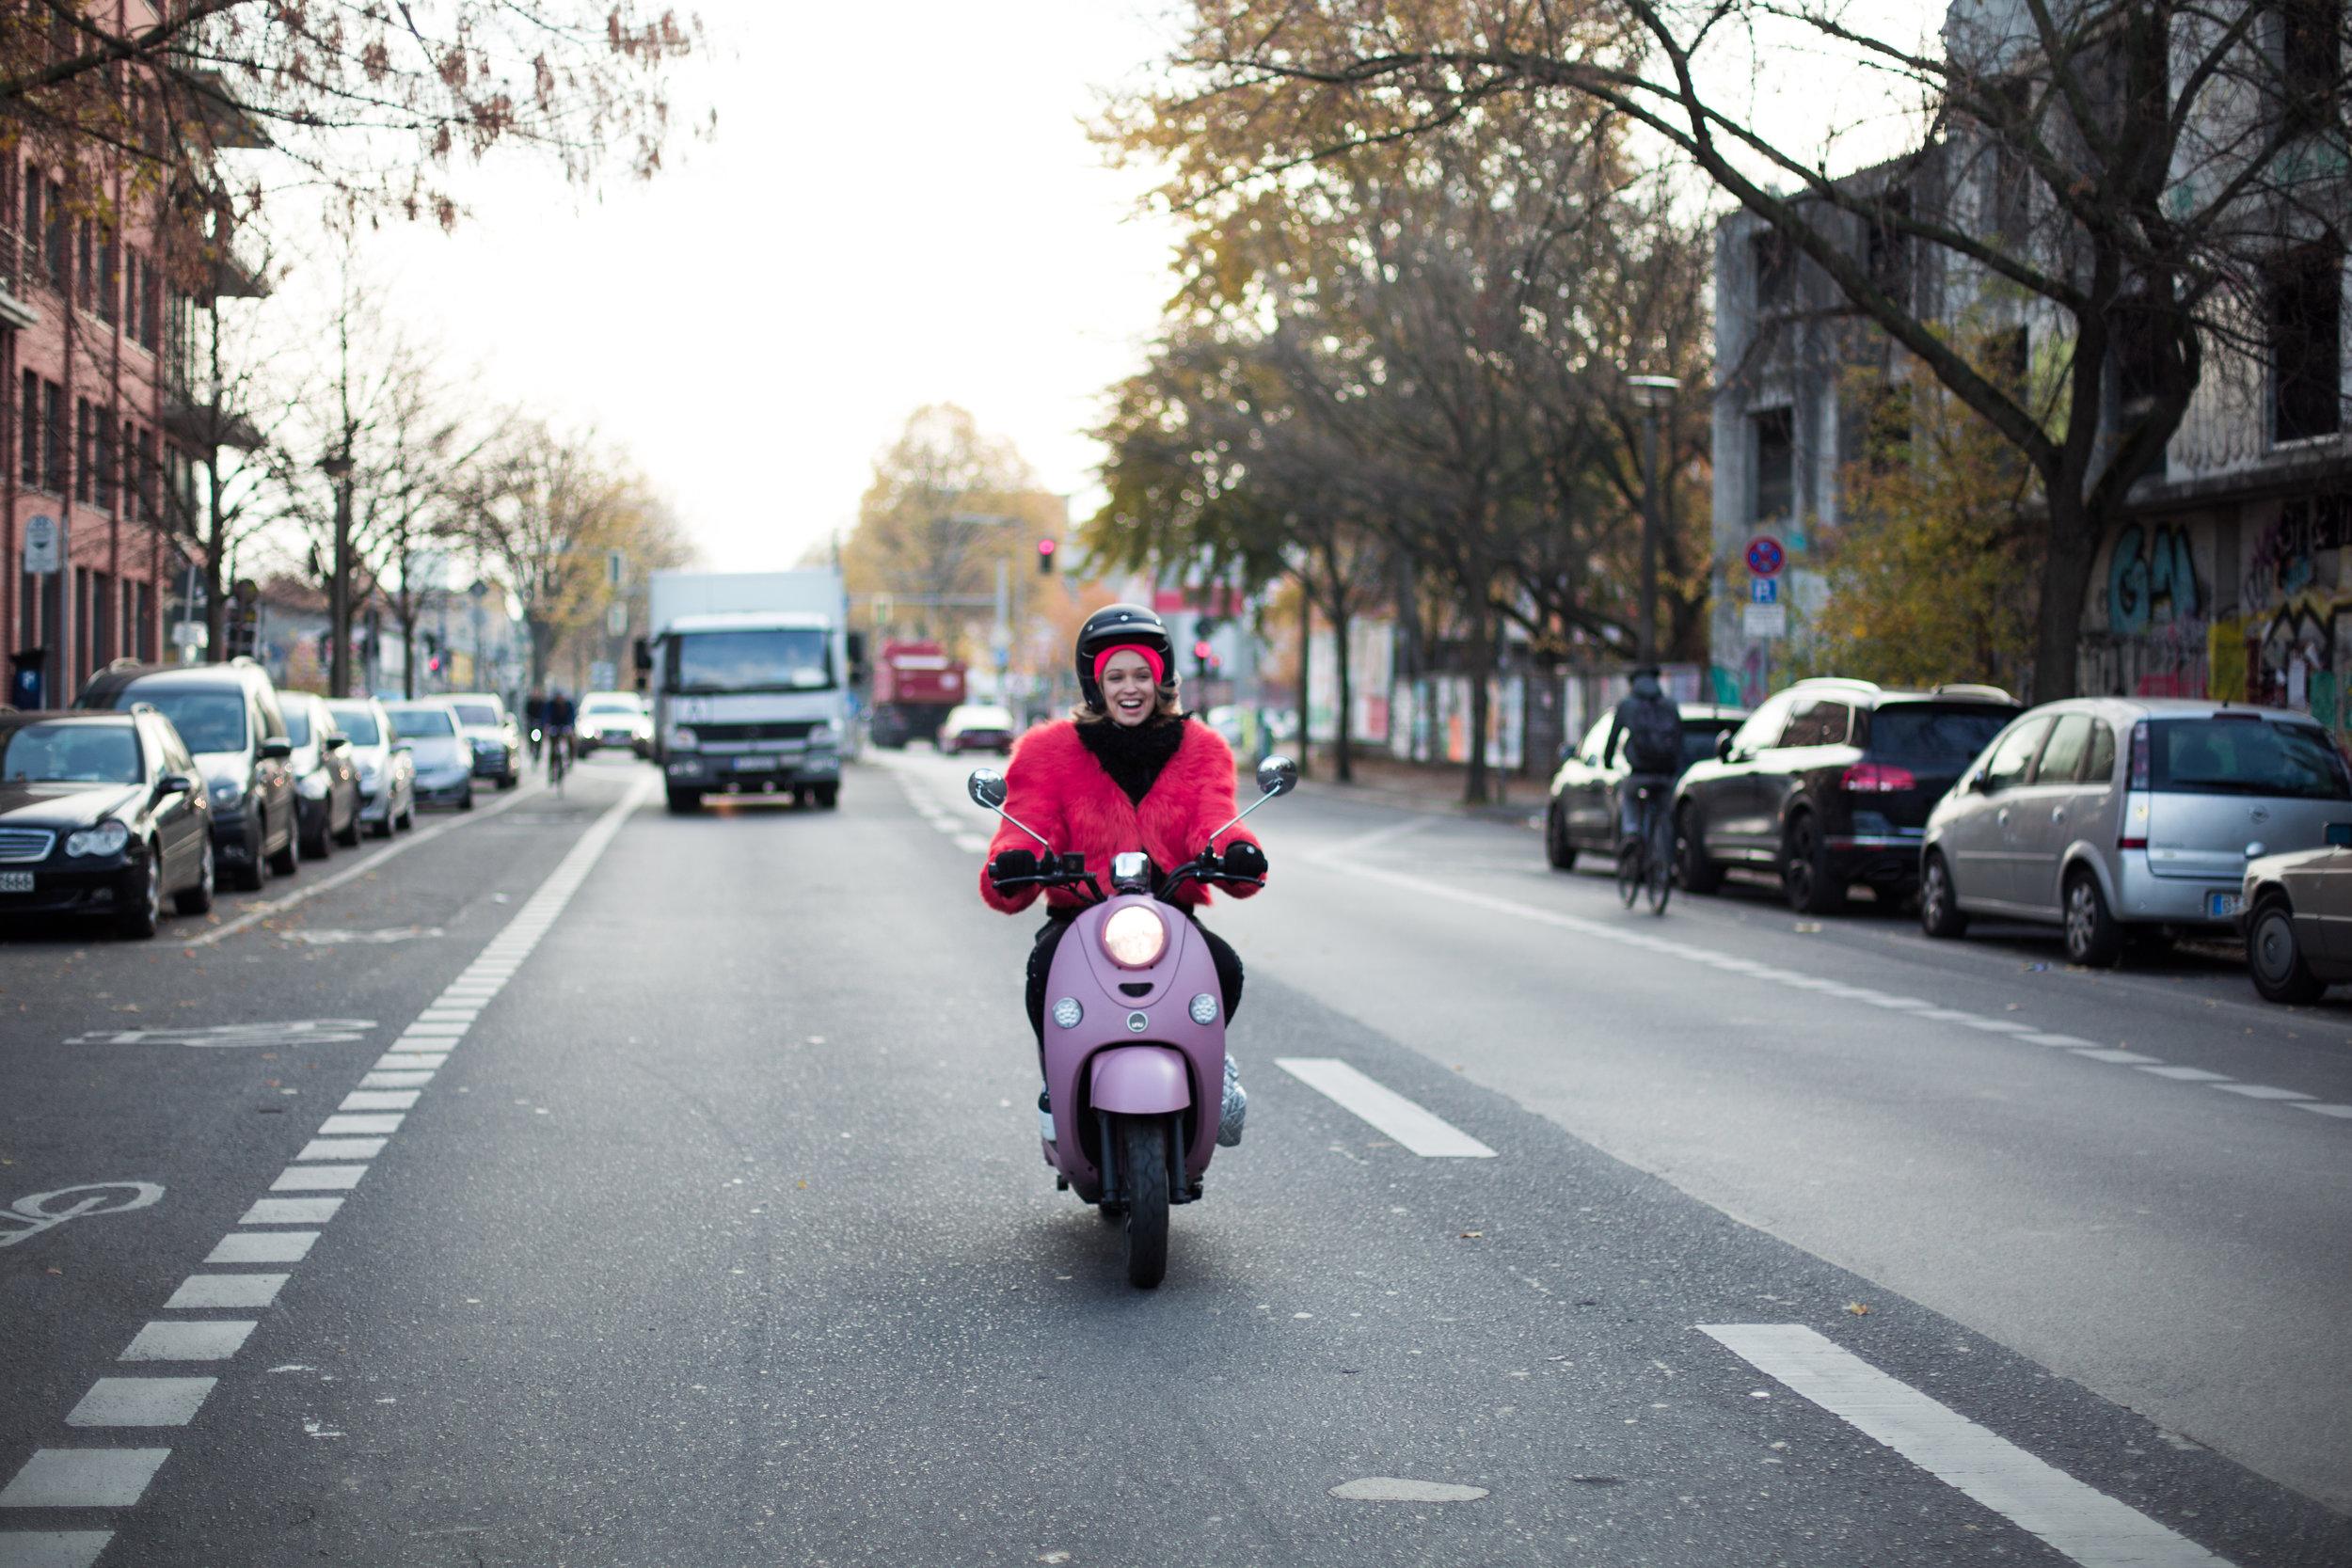 """""""Ik heb niet echt een dagelijkse routine, dus dankzij mijn scooter ga ik snel en flexibel van A naar B, zonder onnodig lang te wachten."""""""